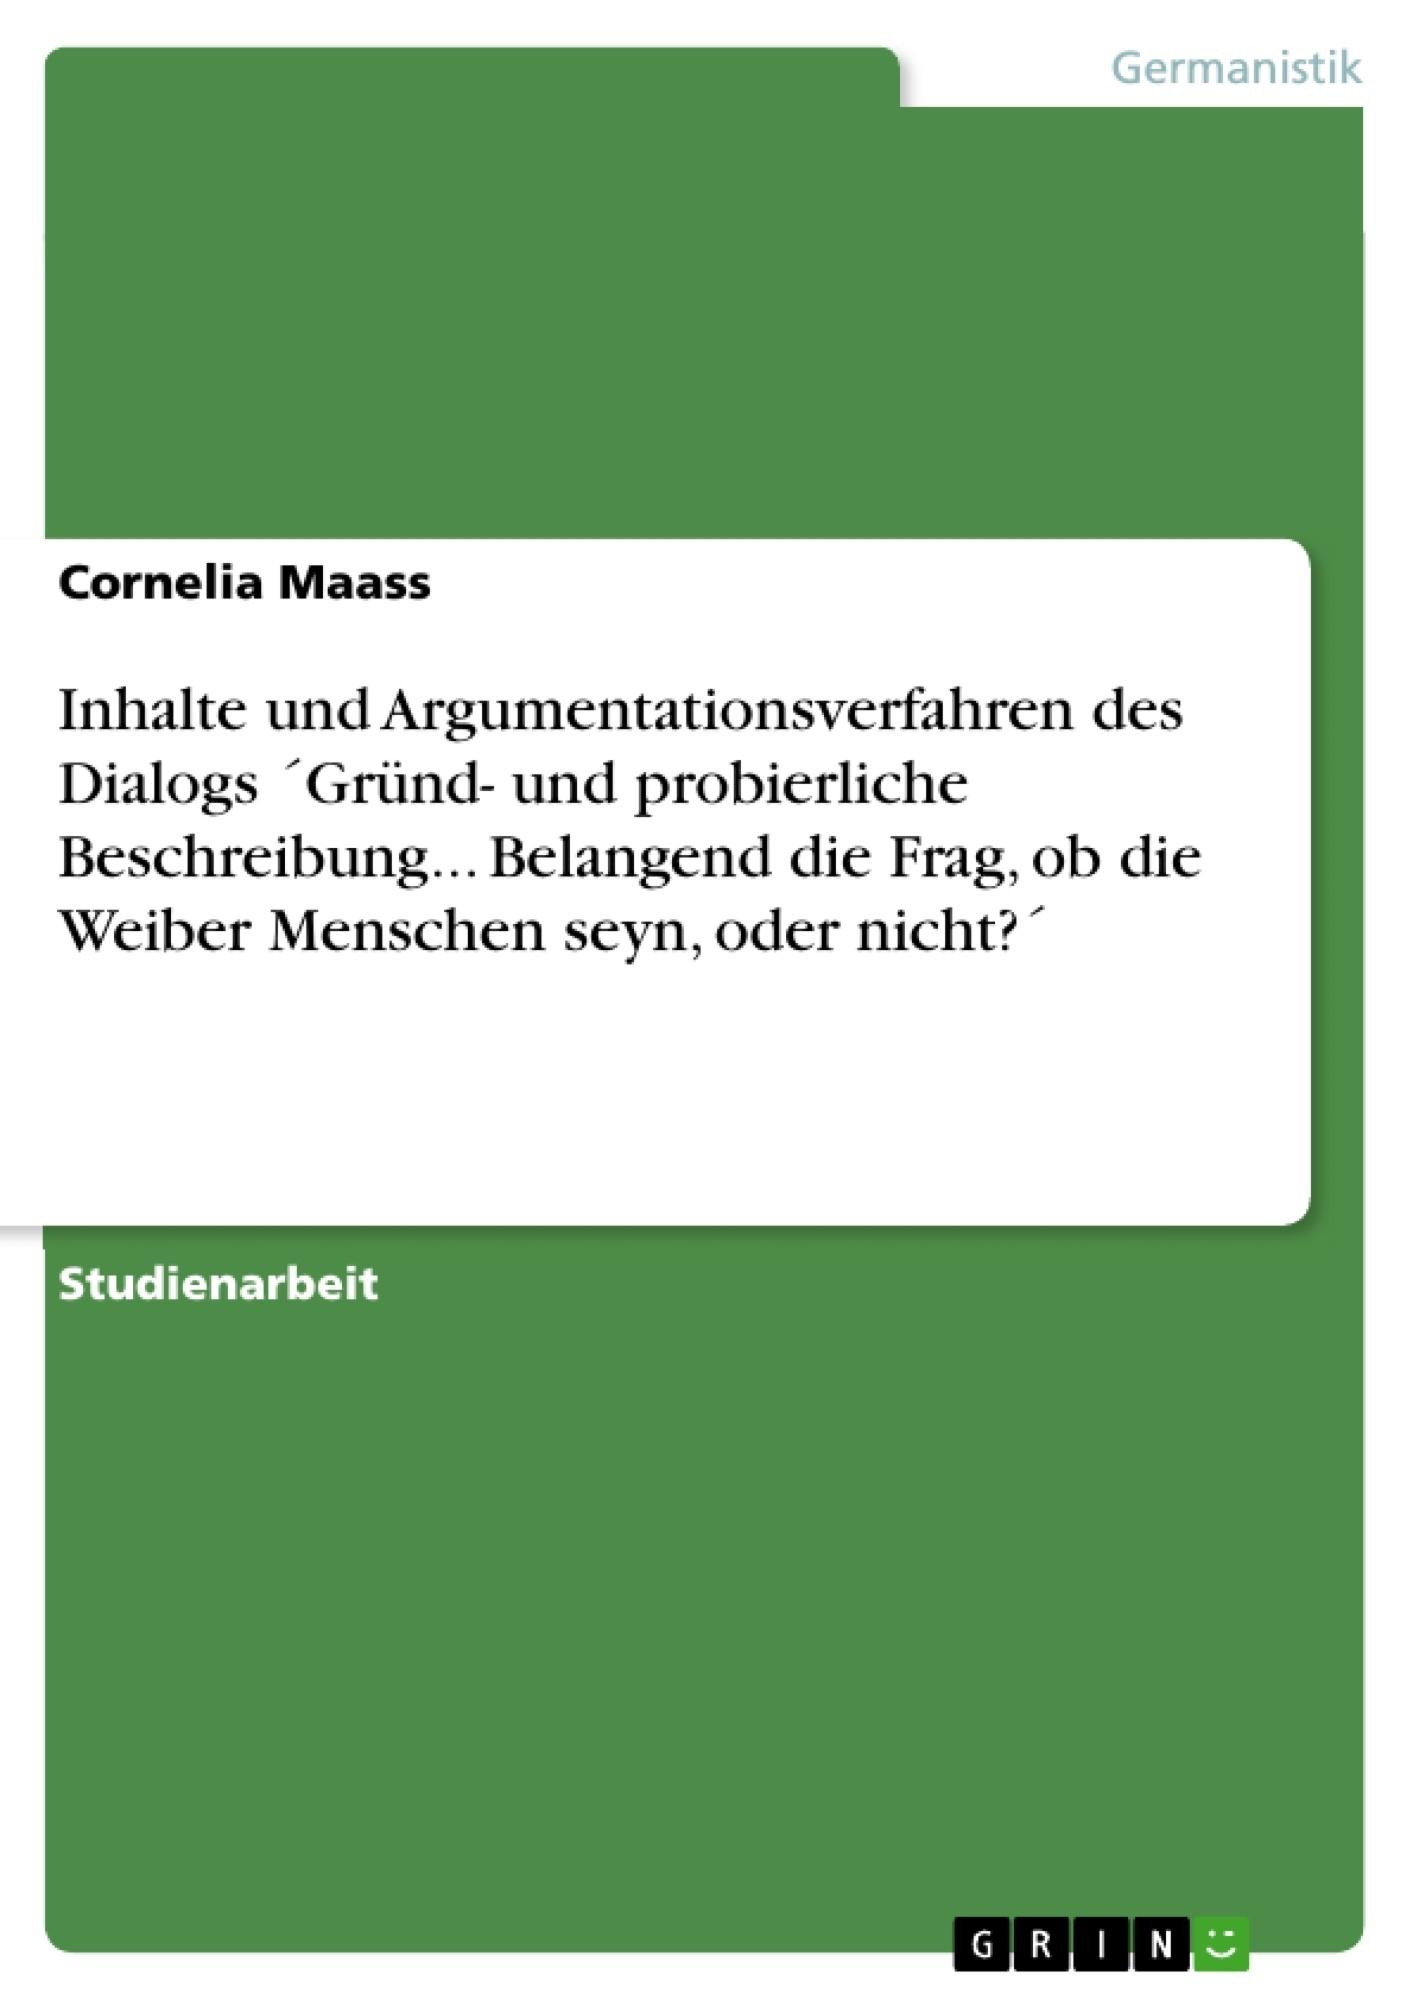 Titel: Inhalte und Argumentationsverfahren des Dialogs ´Gründ- und probierliche Beschreibung... Belangend die Frag, ob die Weiber Menschen seyn, oder nicht?´